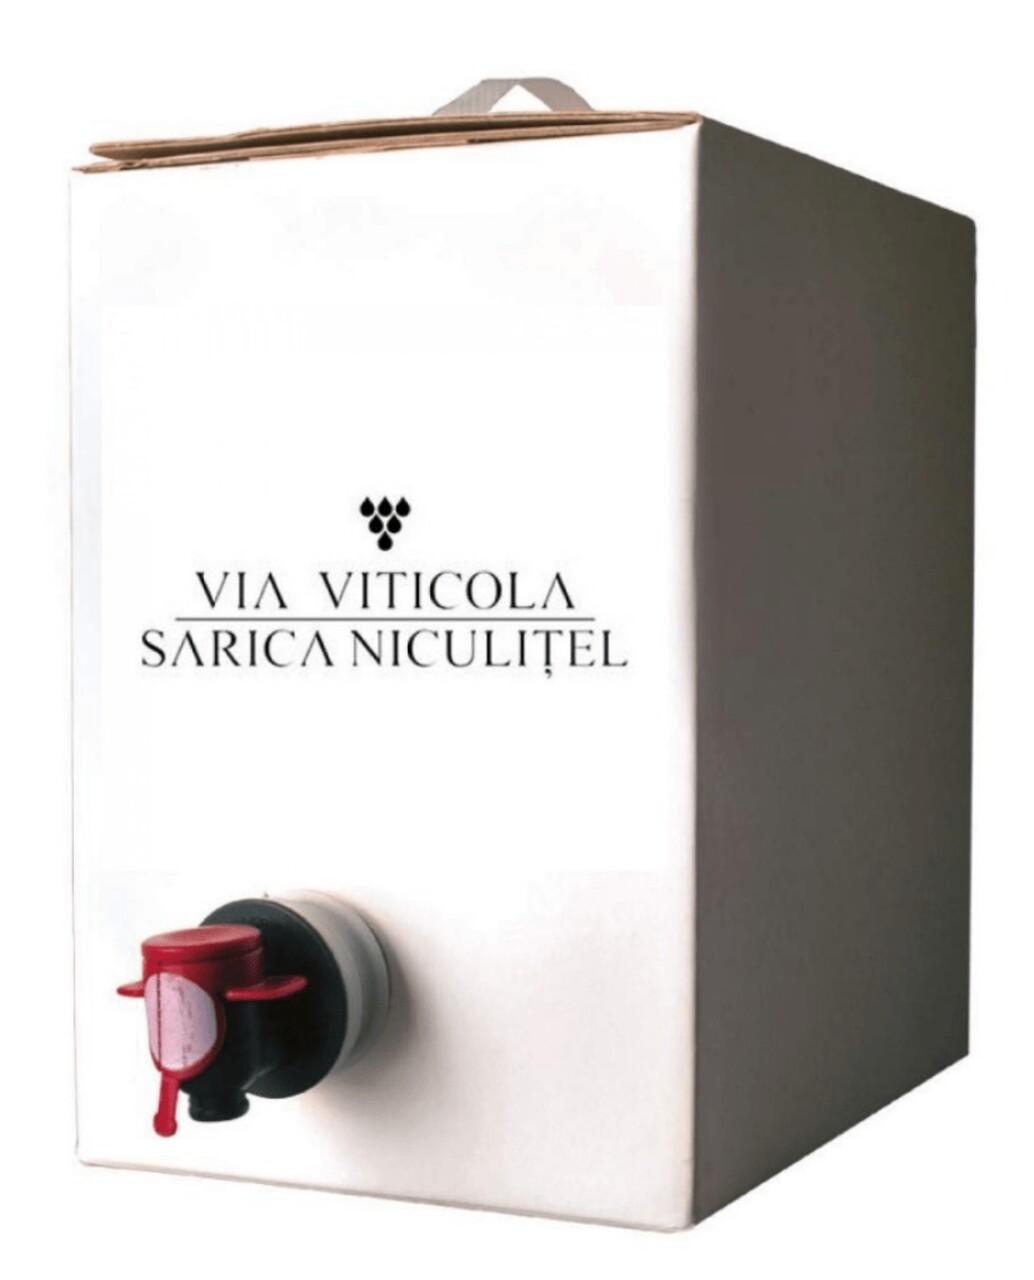 Sarica Niculitel Rose BIB 10L